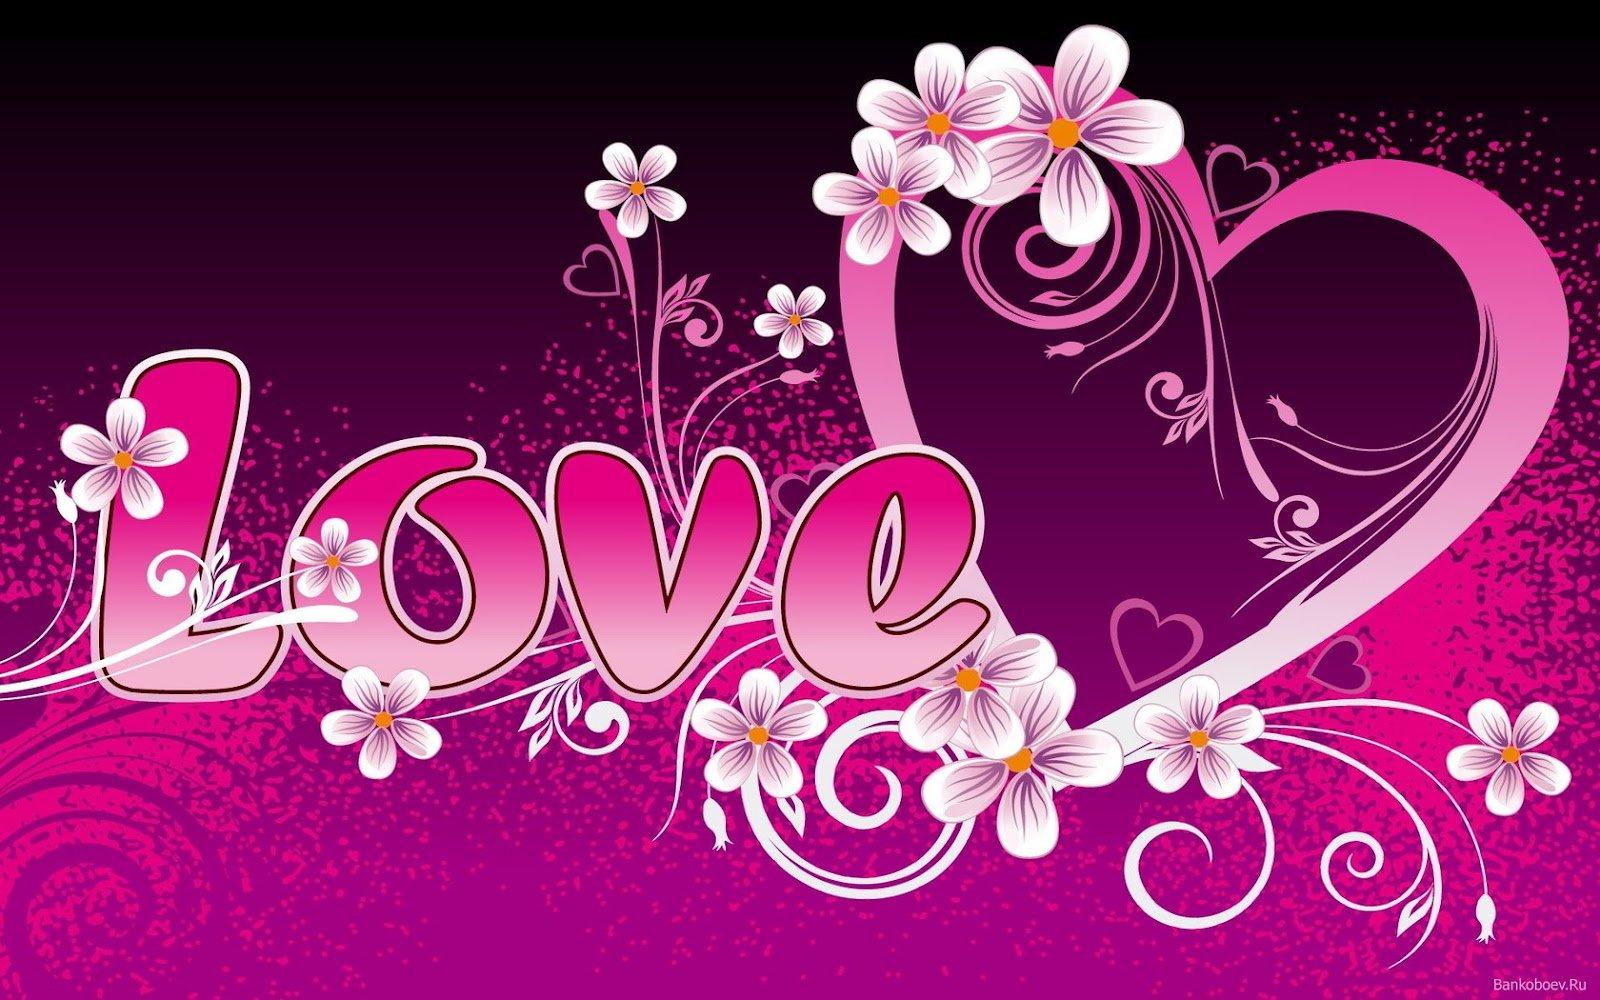 Palabras bonitas de amor ejemplos de